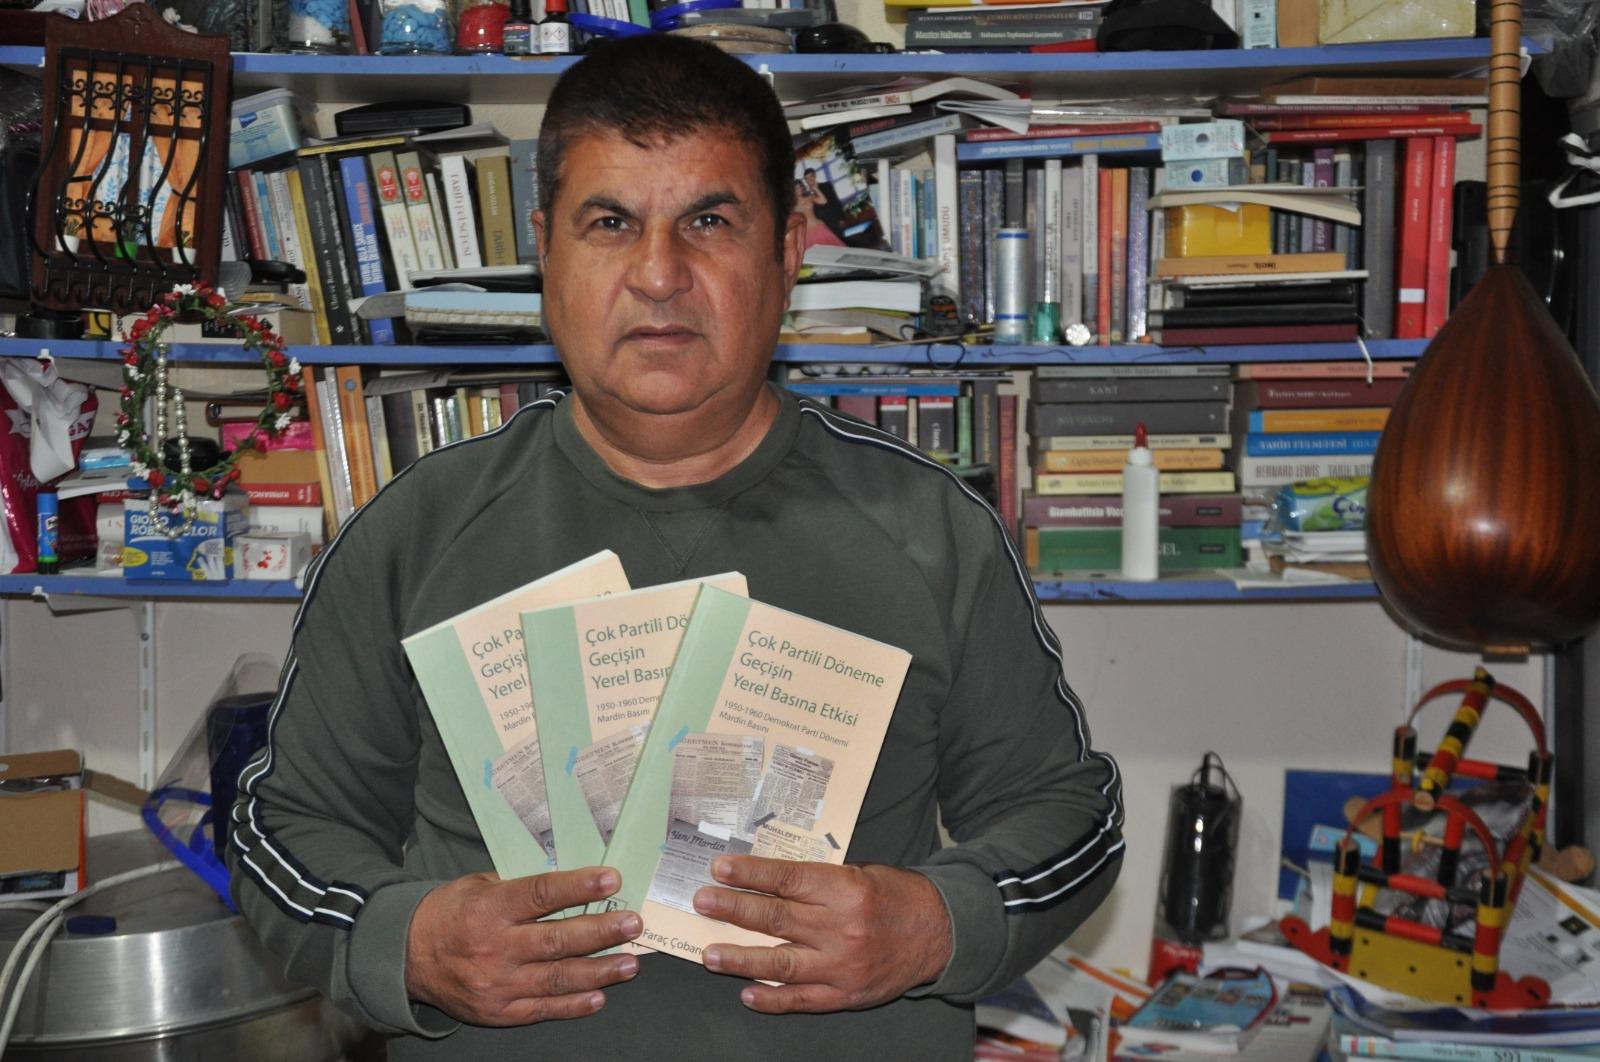 Çobanoğlu, Mardin Basın Tarihinin kitabını yazdı